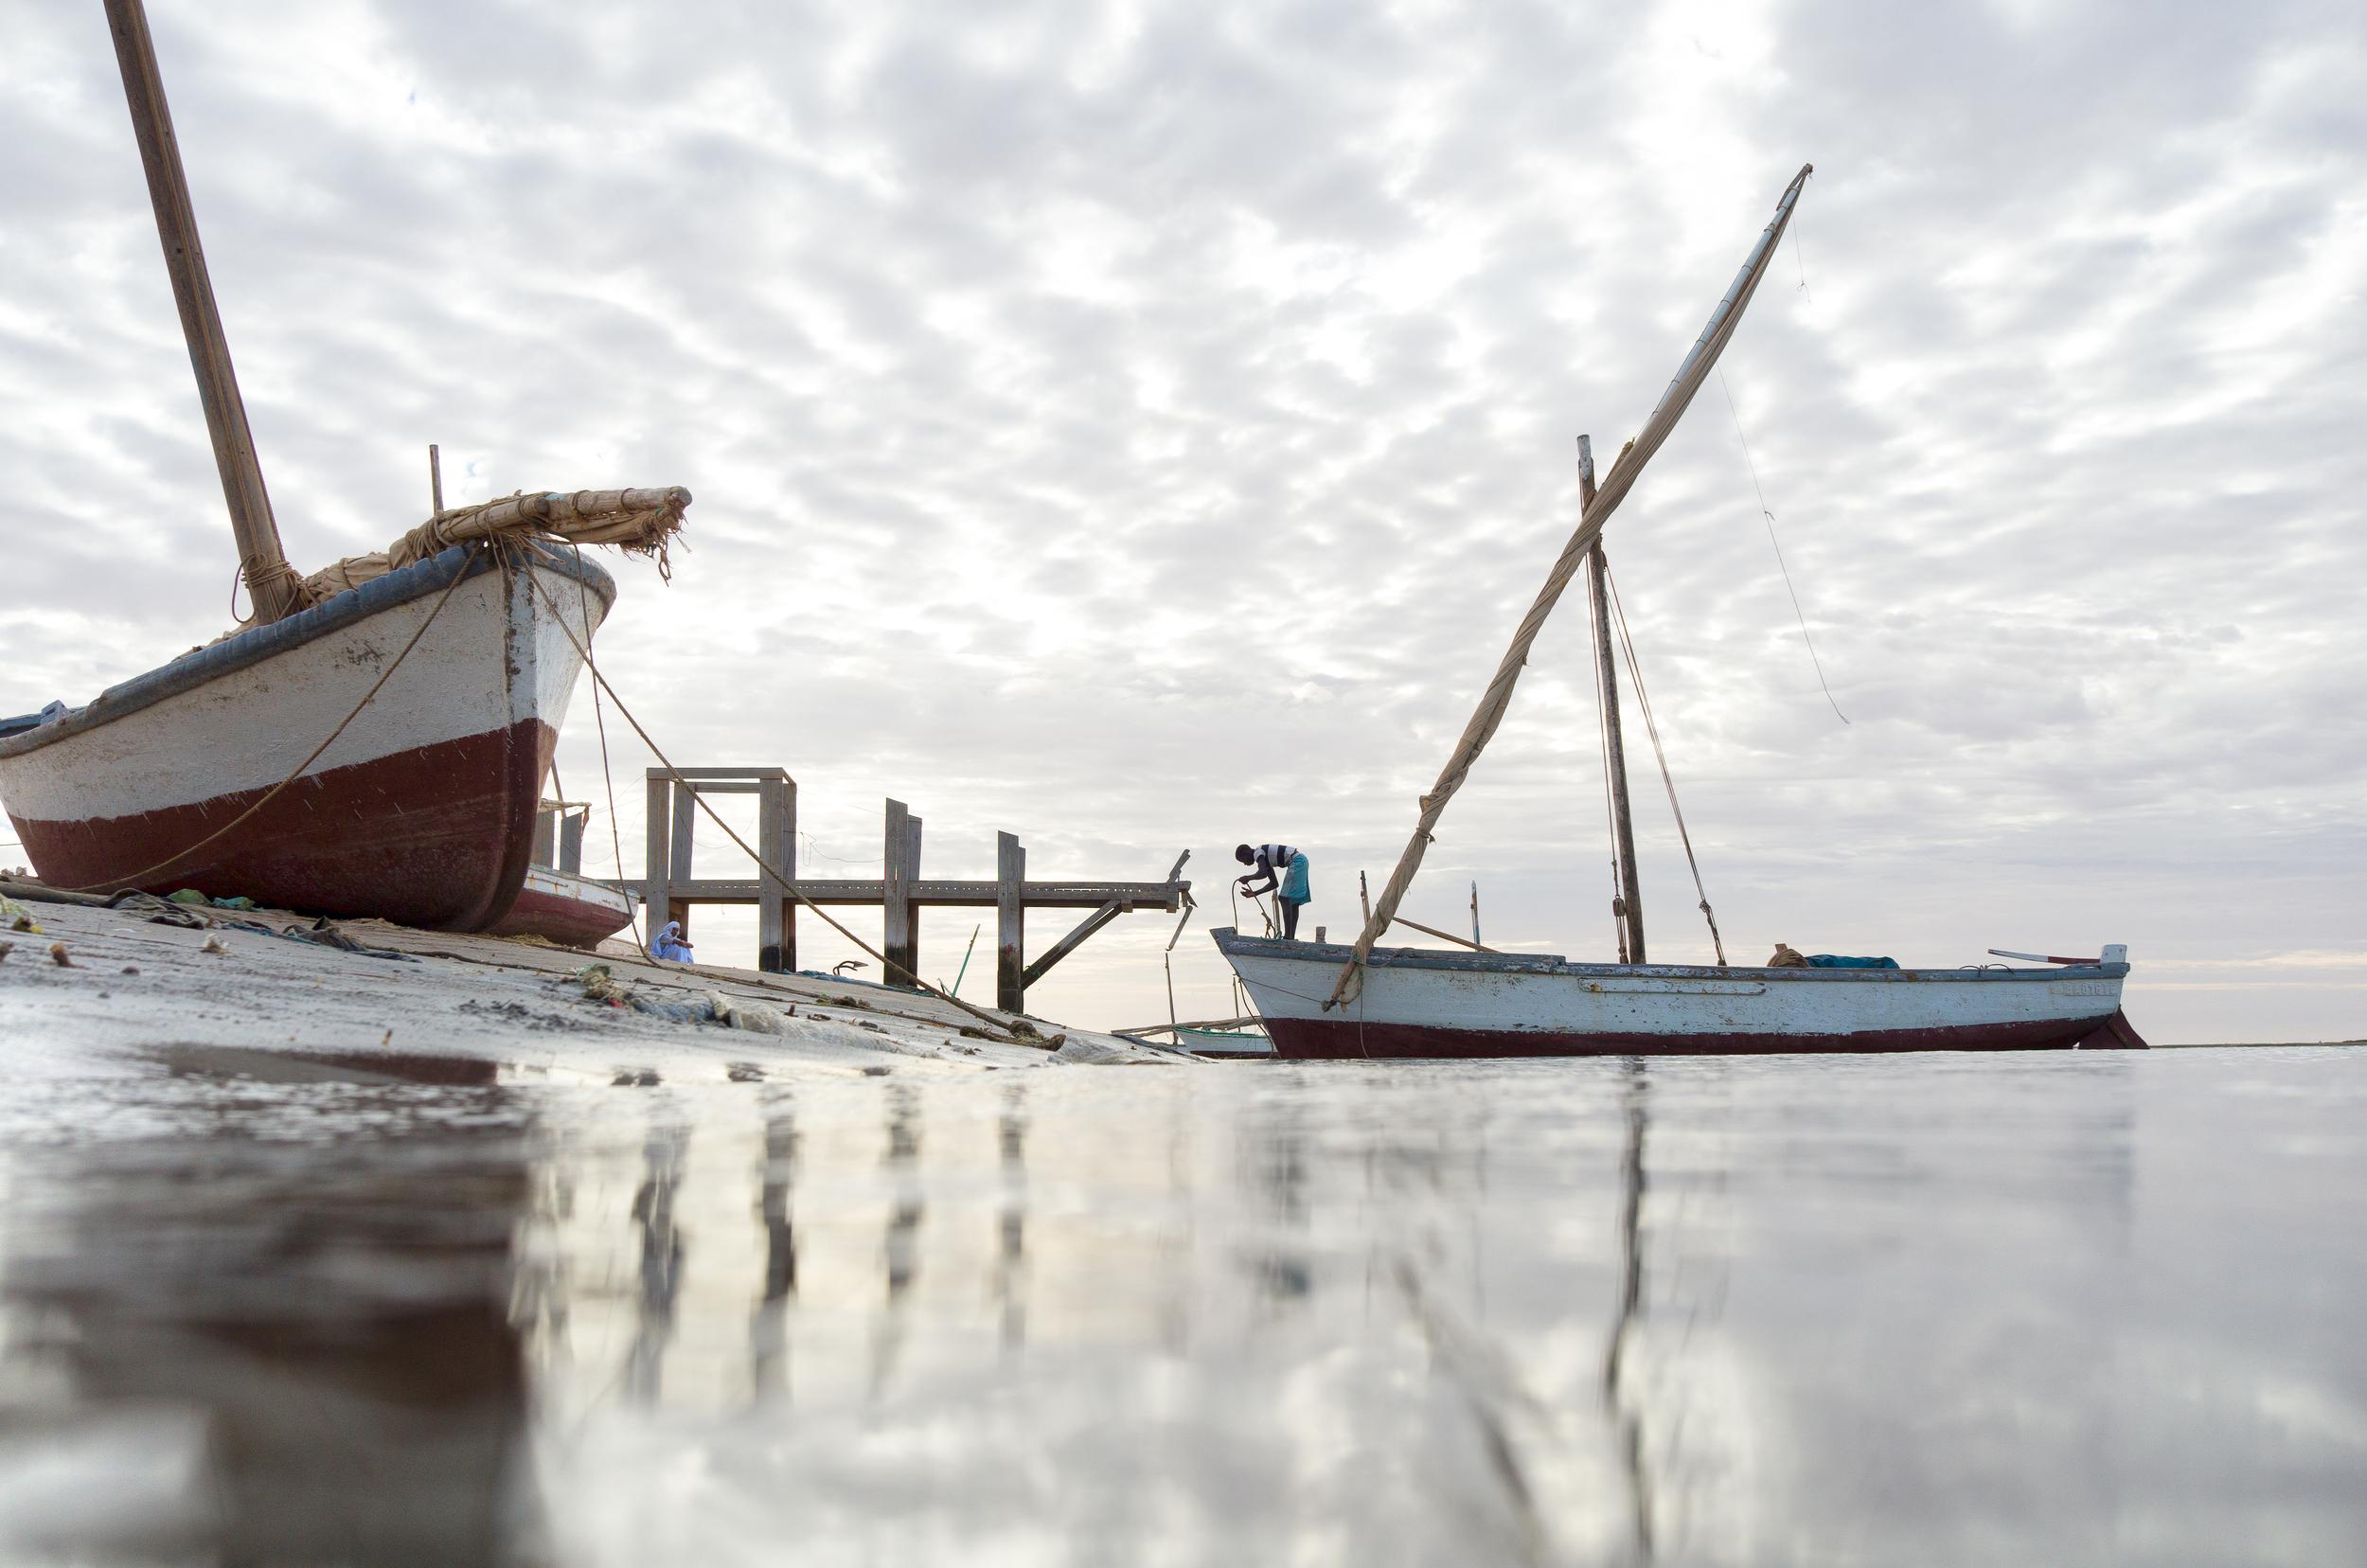 mauritania_jodymacdonaldphotography16.jpg